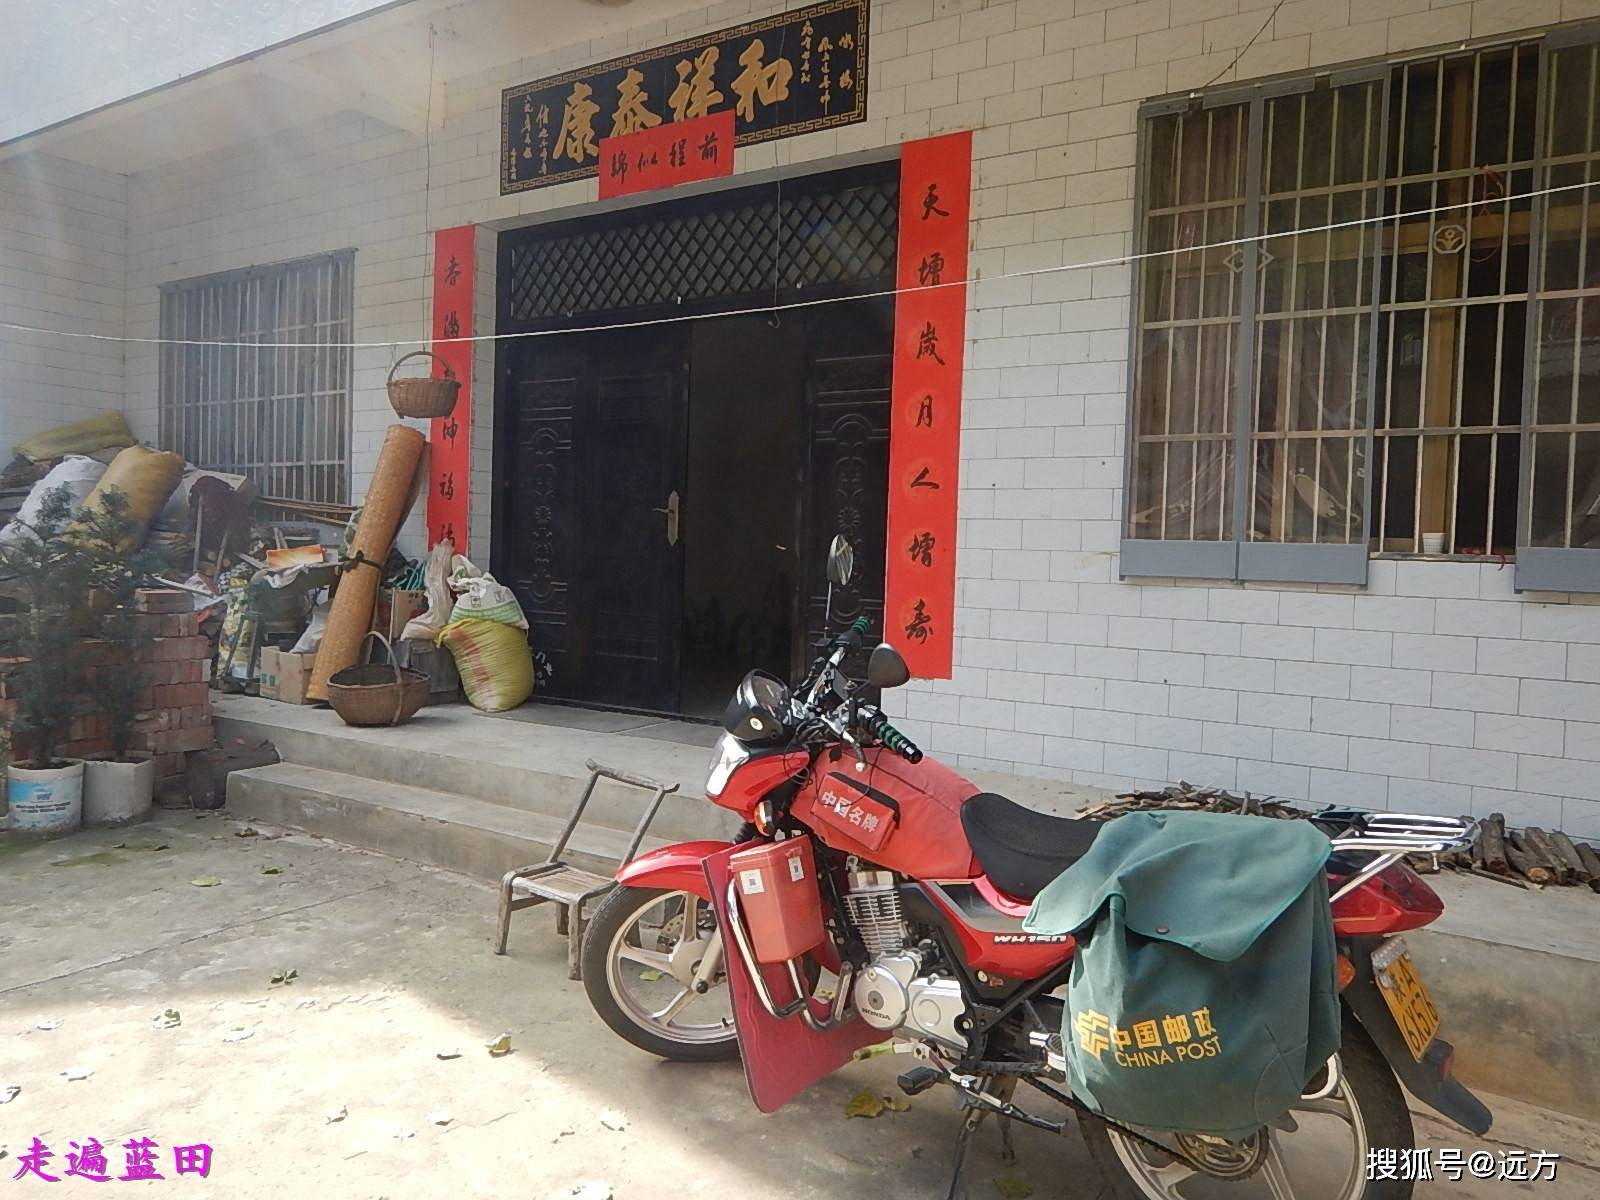 走遍蓝田,2020辋川镇(冷水沟村)穿越旅行(4)。